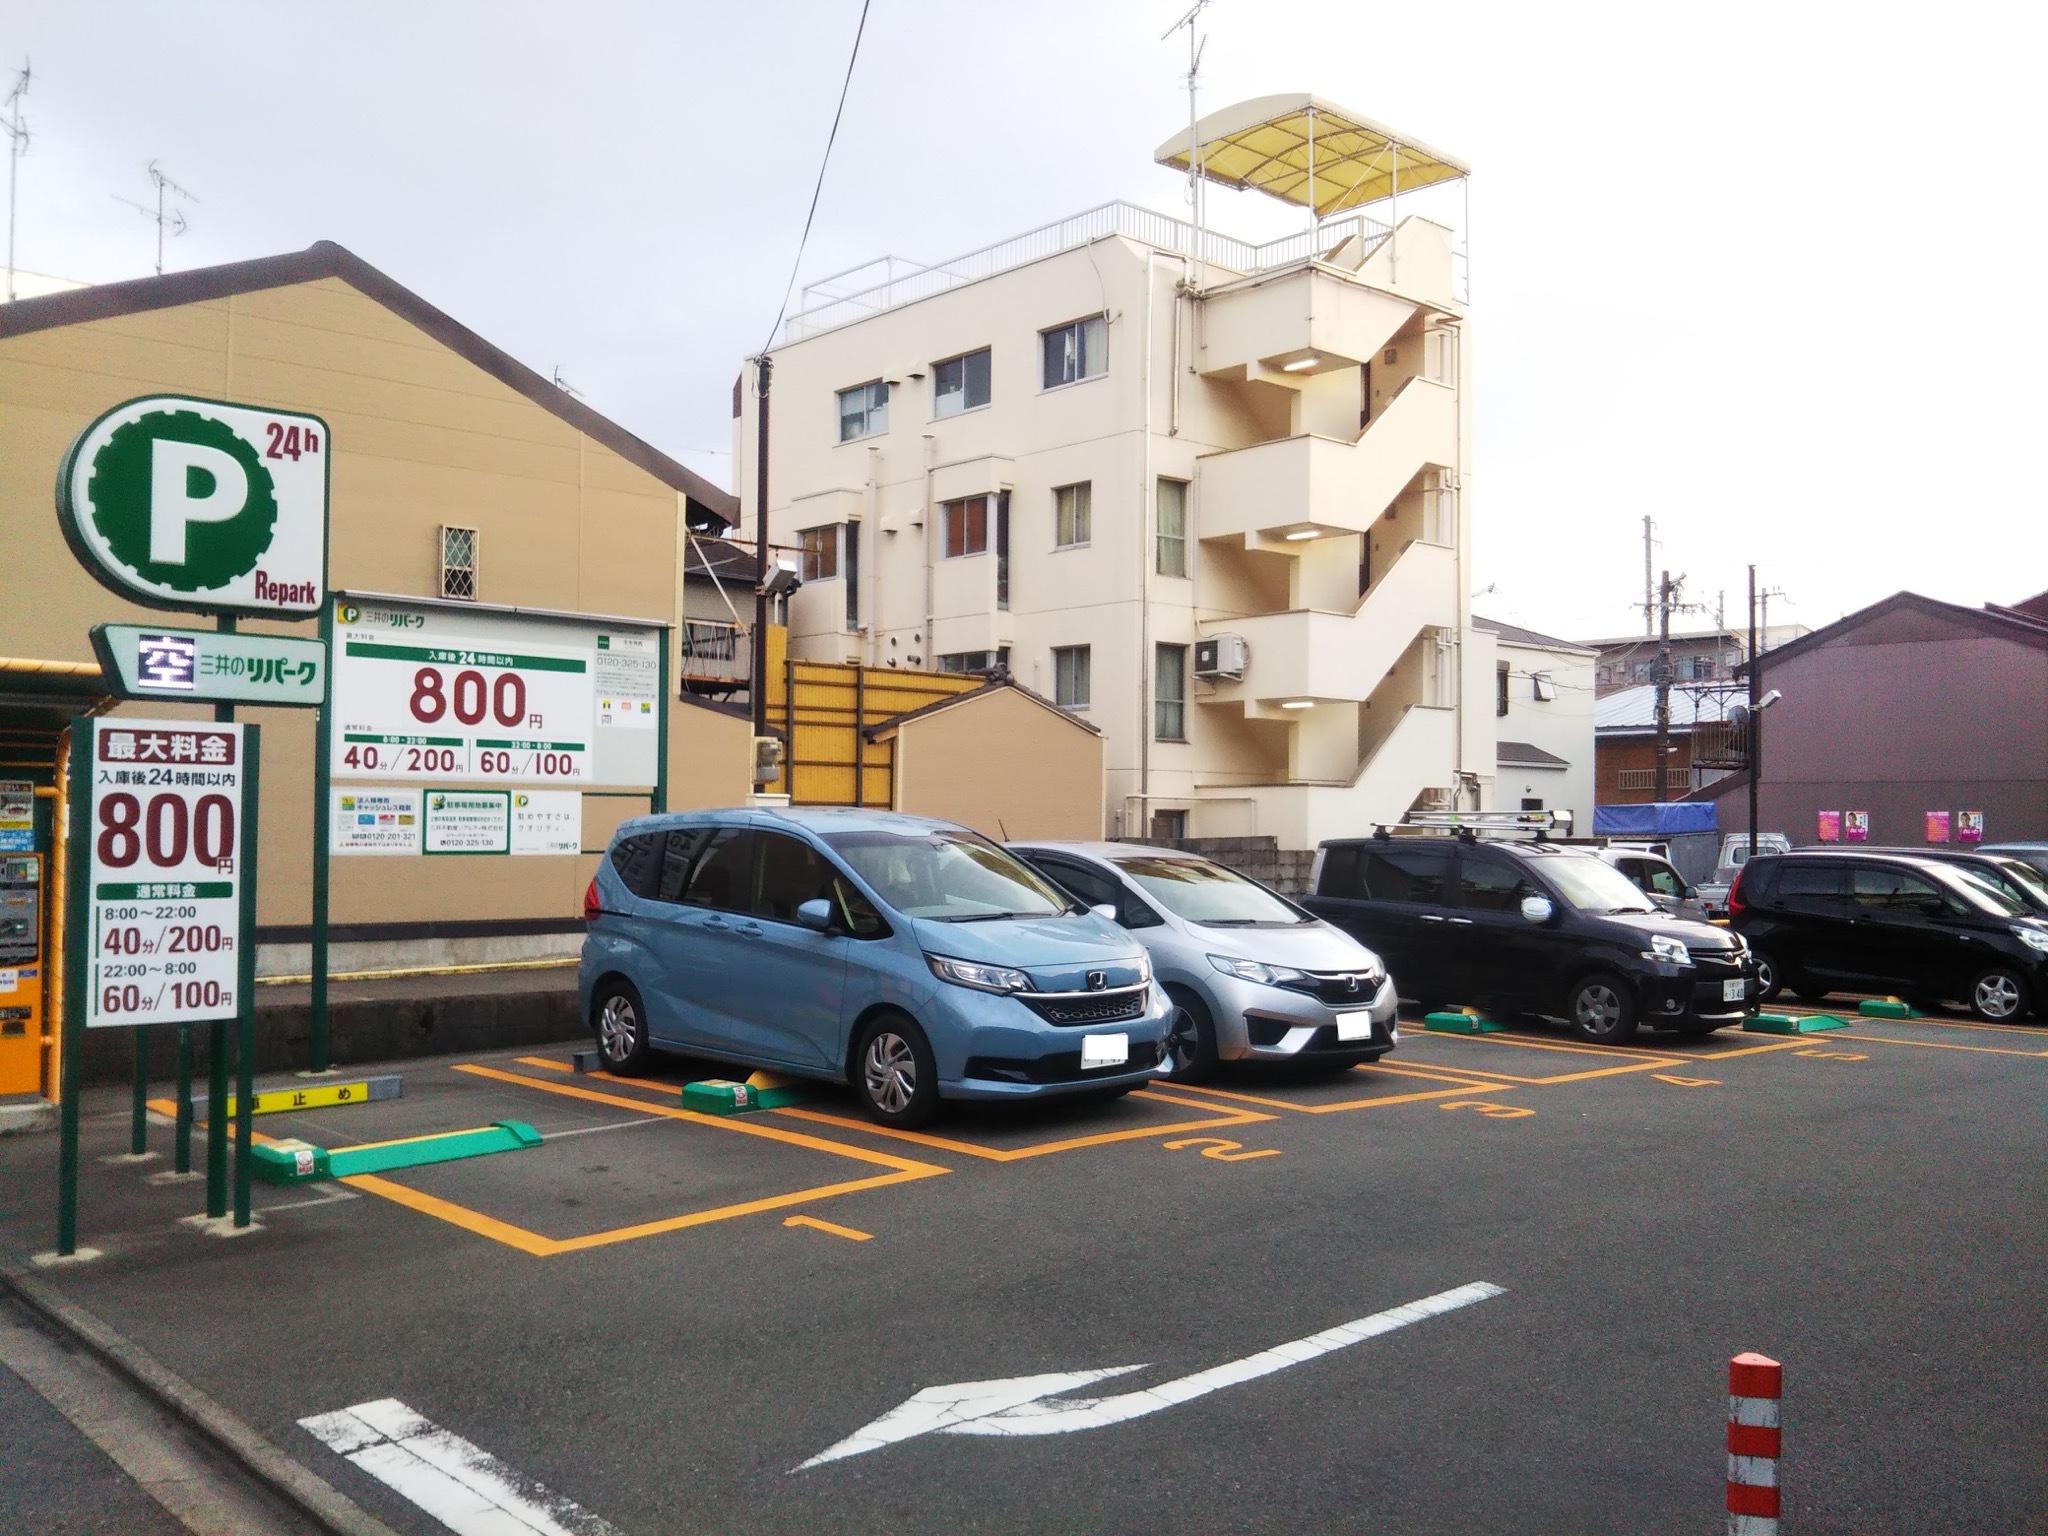 周辺には低価格の駐車場がたくさんあります。